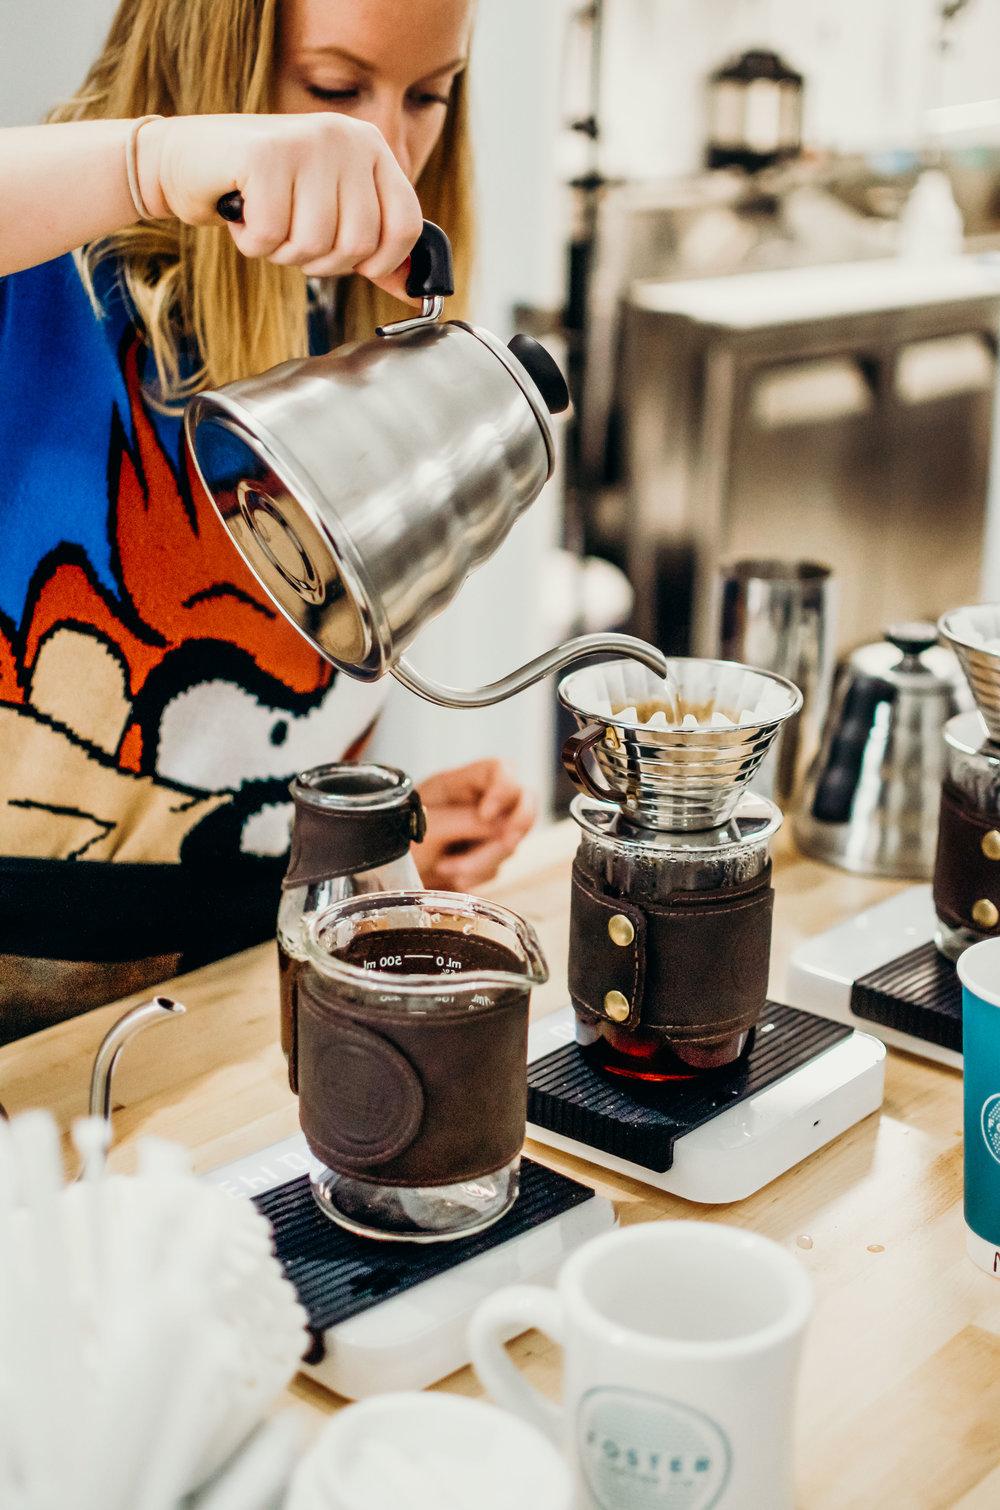 Wendling_Boyd_Foster_Flint_Fwrd_Coffee_Shop-18.jpg